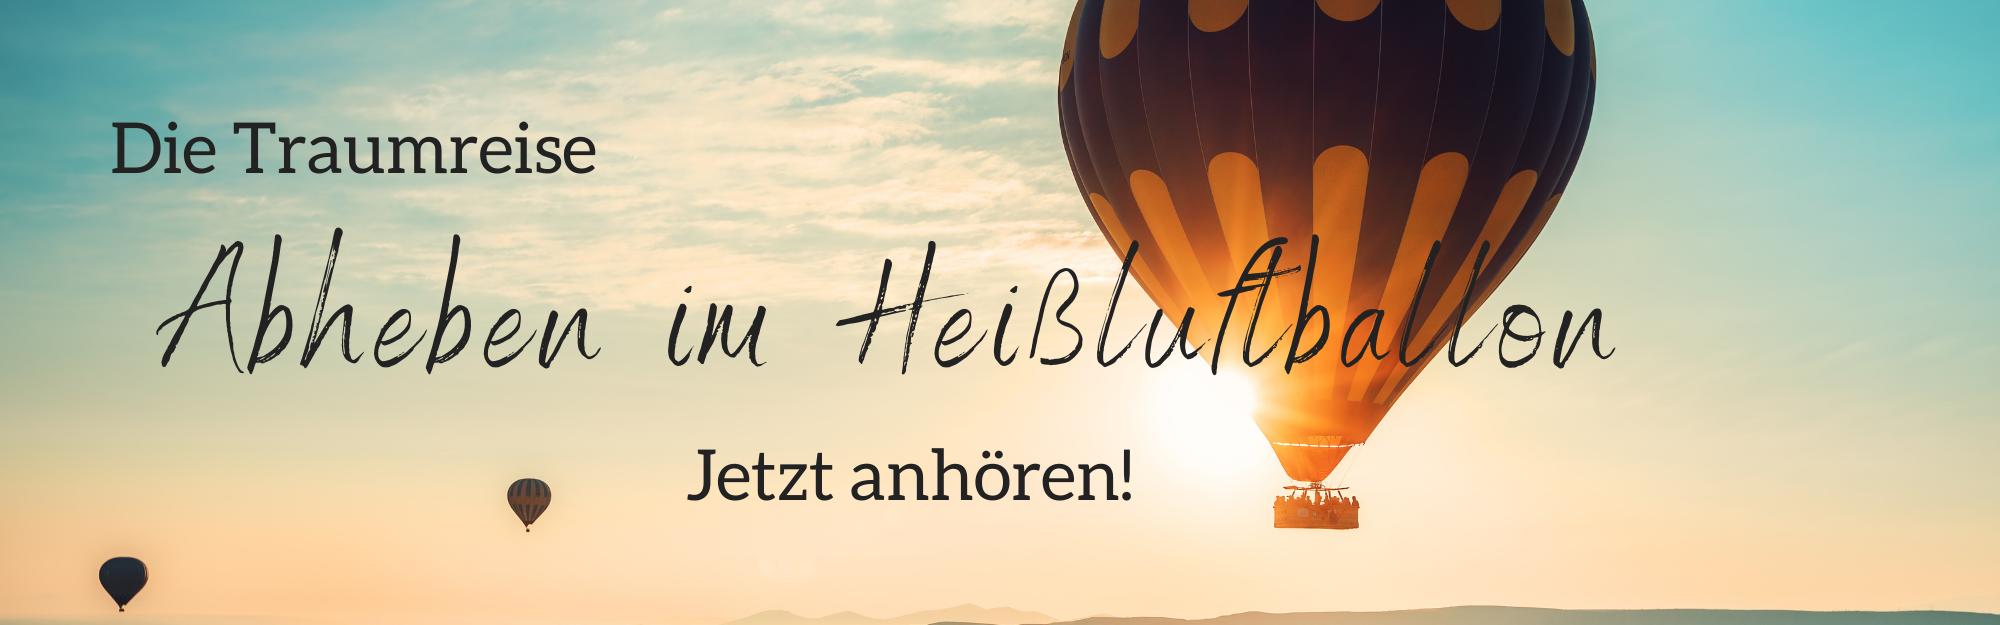 Diplom Psychologin Psychologe 74821 Mosbach Traumreise Freiheit fliegen Heißluftsballon Entspannungsreisen Entspannungsgeschichten Entspannung Erwachsene alles hinter mir lassen D